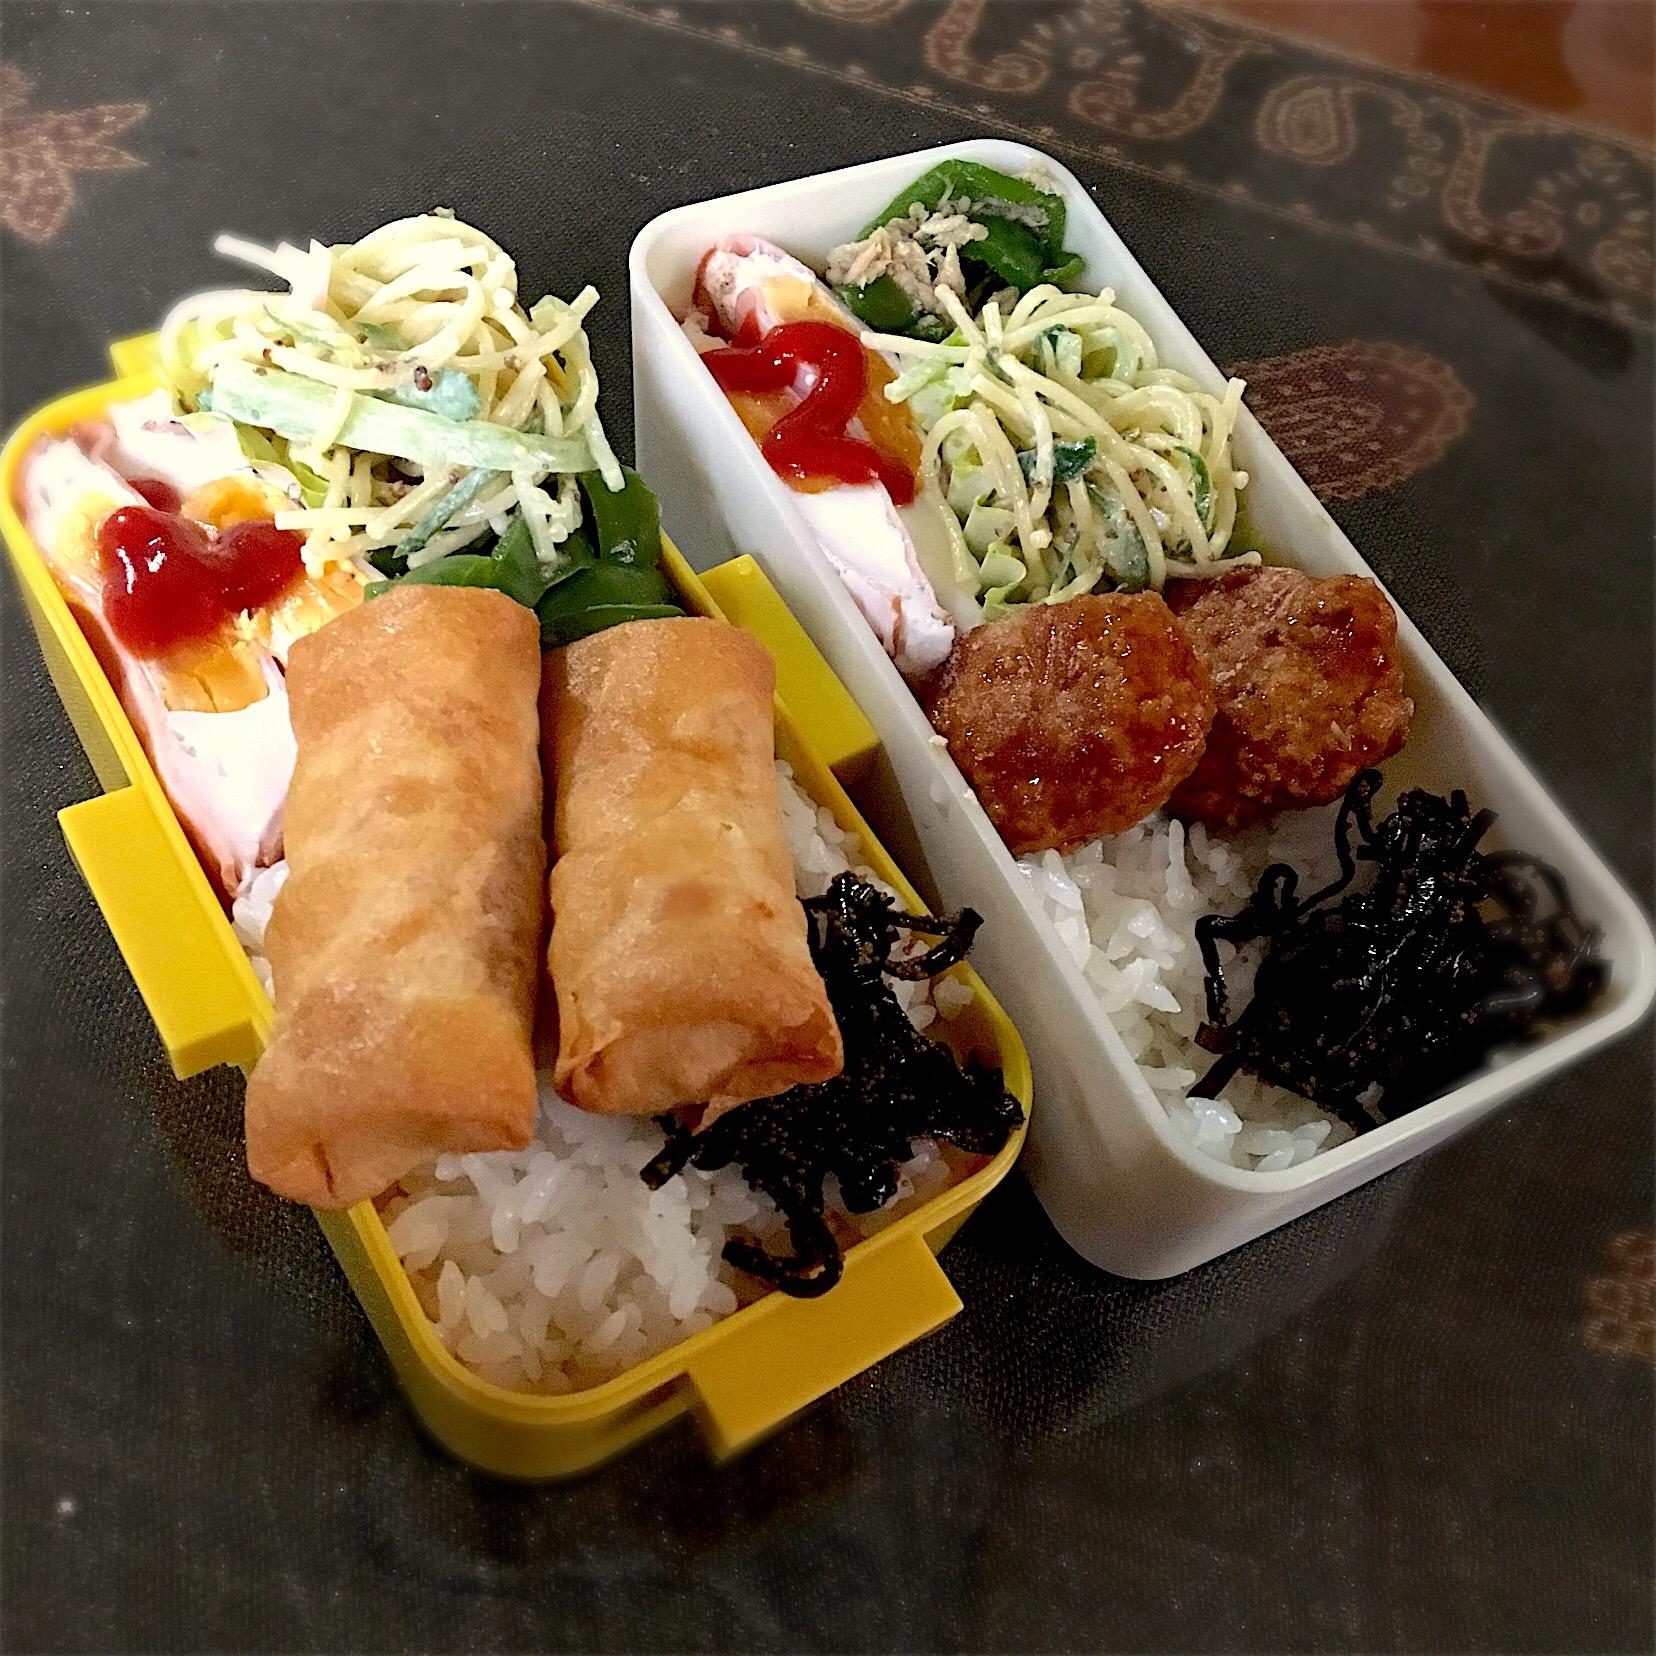 #お昼ごはん #お昼ご飯   10.19 今日のお弁当?? ハムたまご?